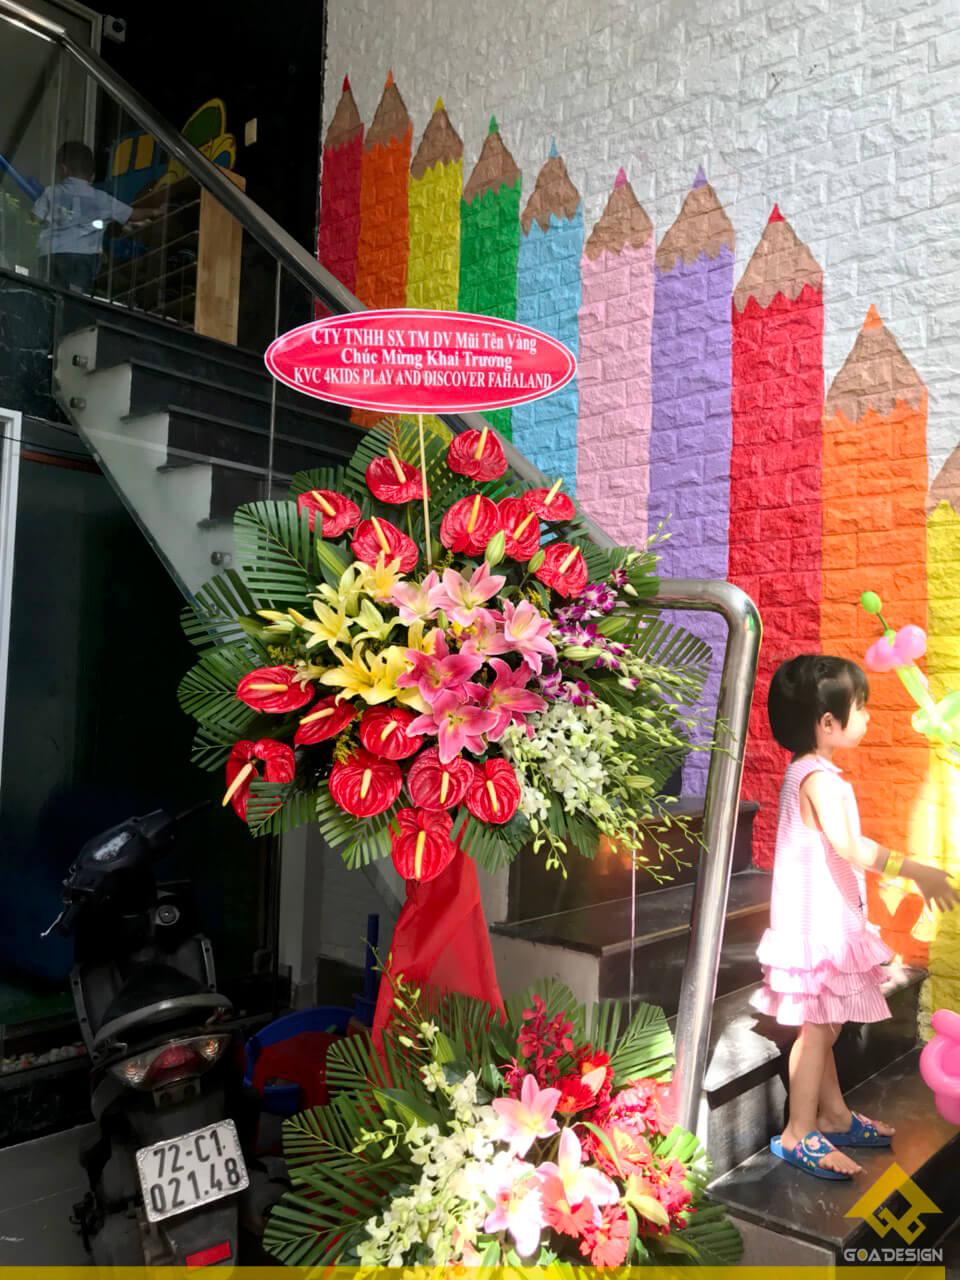 GOADESIGN Thiết kế khu vui chơi Phú Nhuận (11)